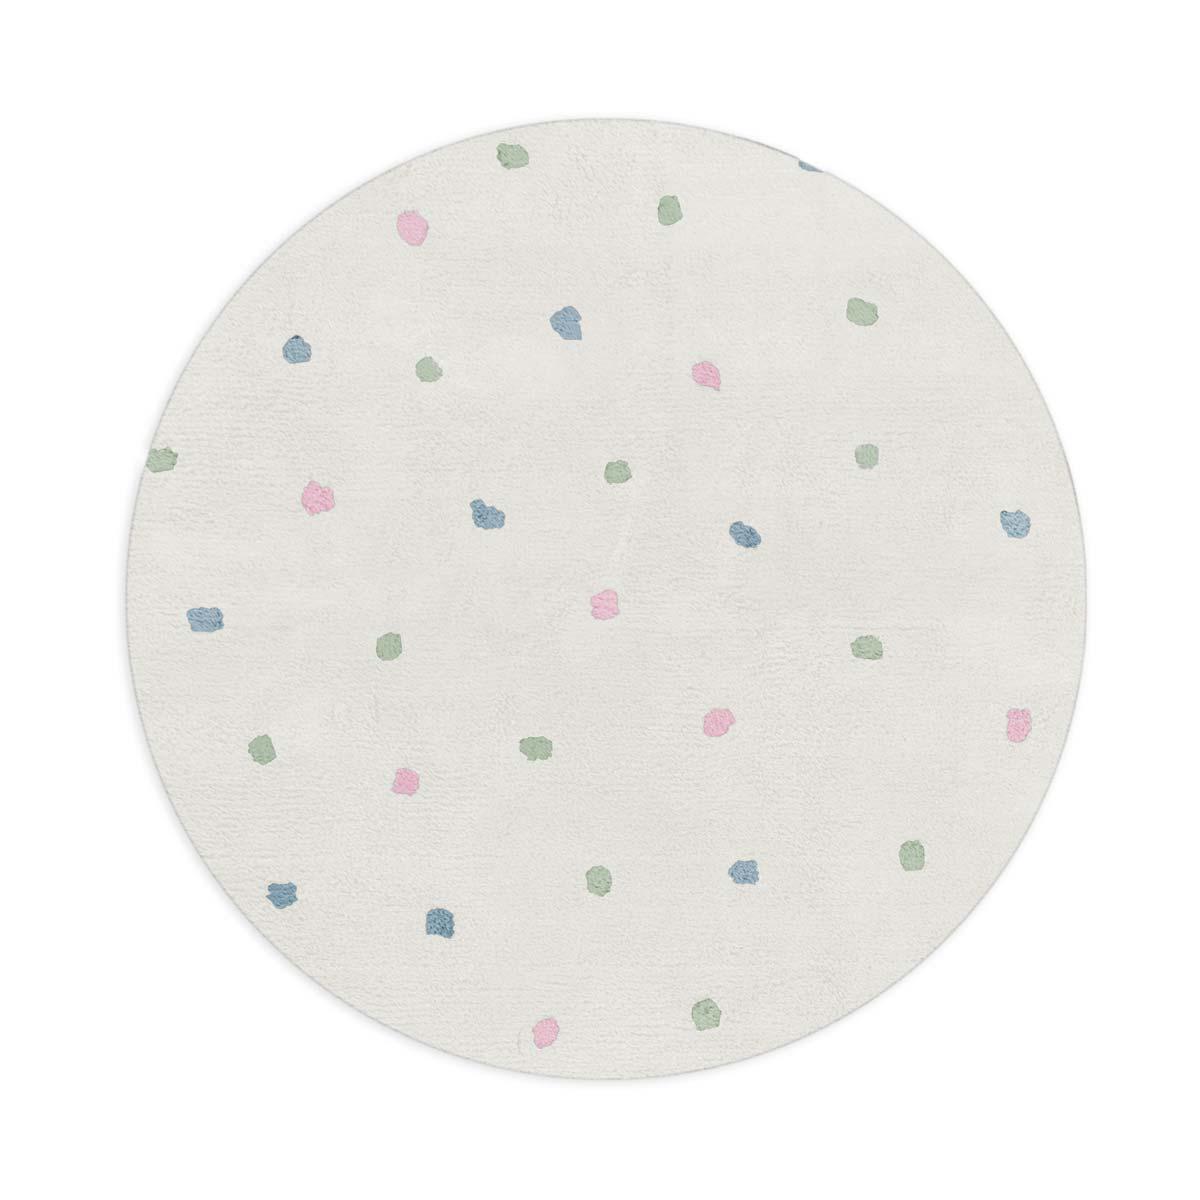 Tapete Floco Redondo 120x120 Tecido Algodão Confete Cru